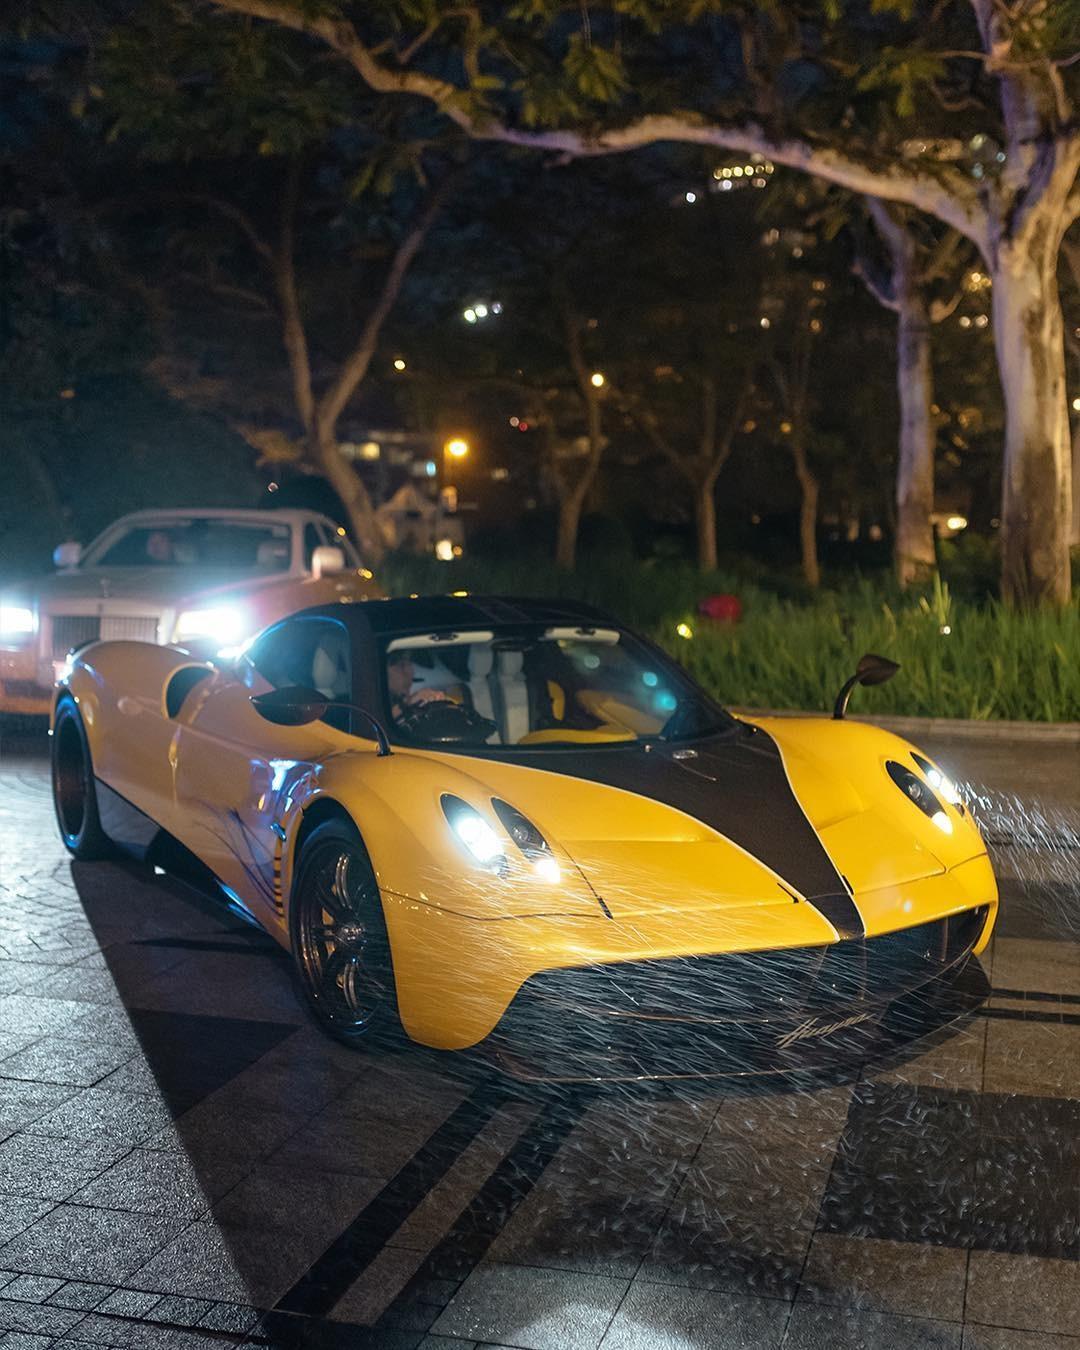 1 số đại gia Hồng Kông đến dự tiệc khá trễ trên Pagani Zonda R hay chiếc Pagani Huayra màu vàng rất nổi bật này